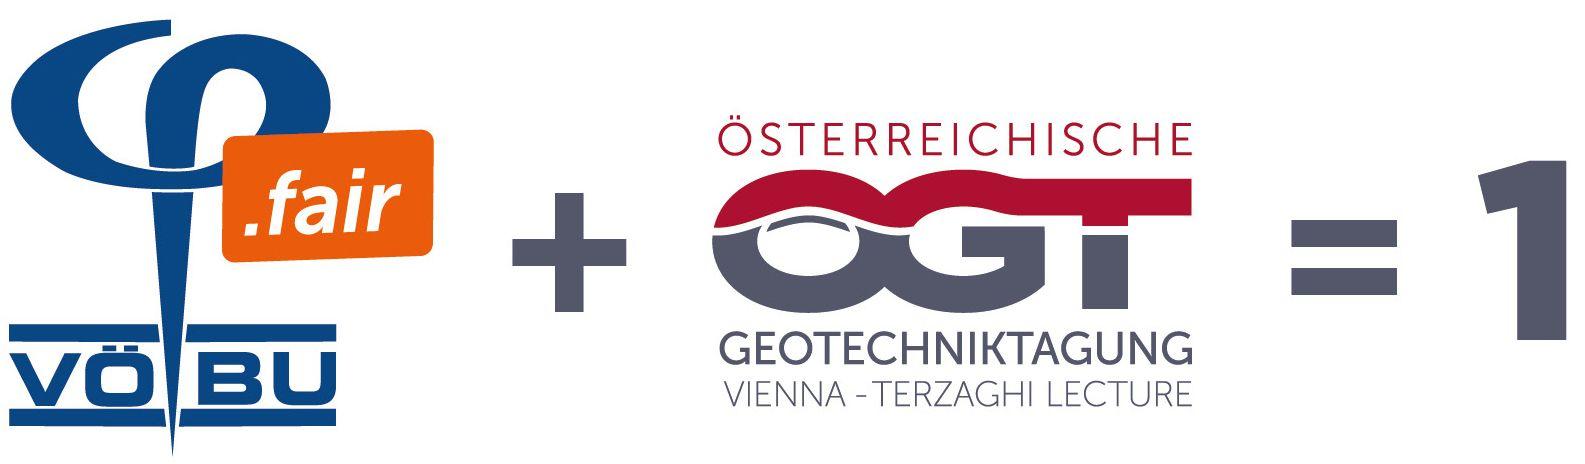 VÖBU Fair 2019 + 12. Österreichische Geotechniktagung (ÖGT)